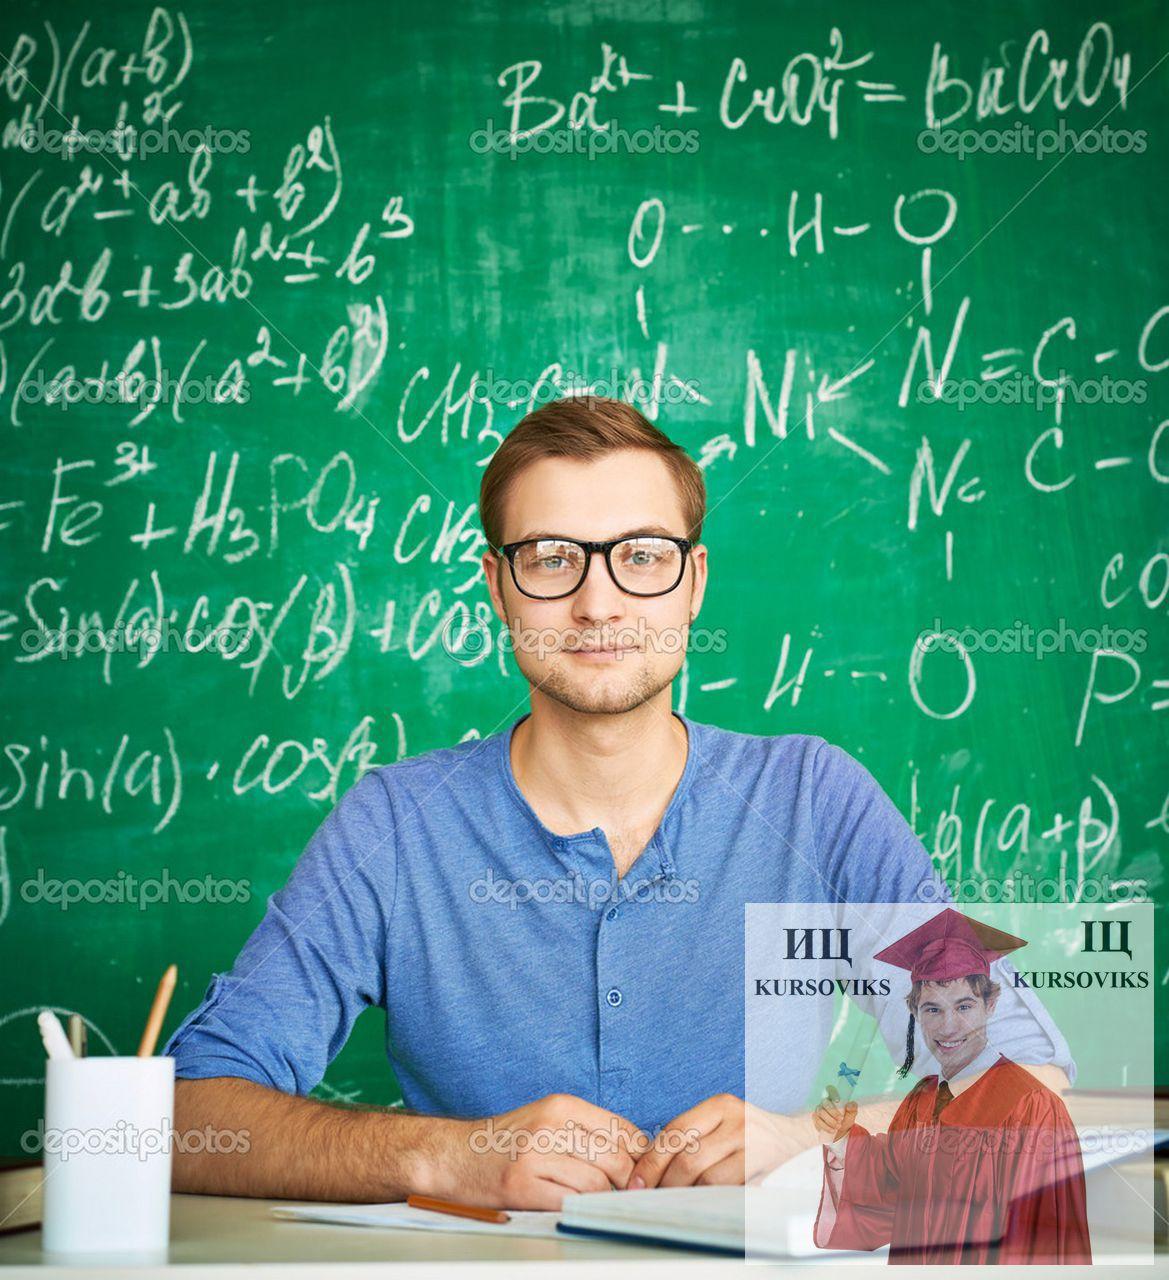 ИЦ kursoviks заказать или купить курсовую дипломную  заказать дипломную работу